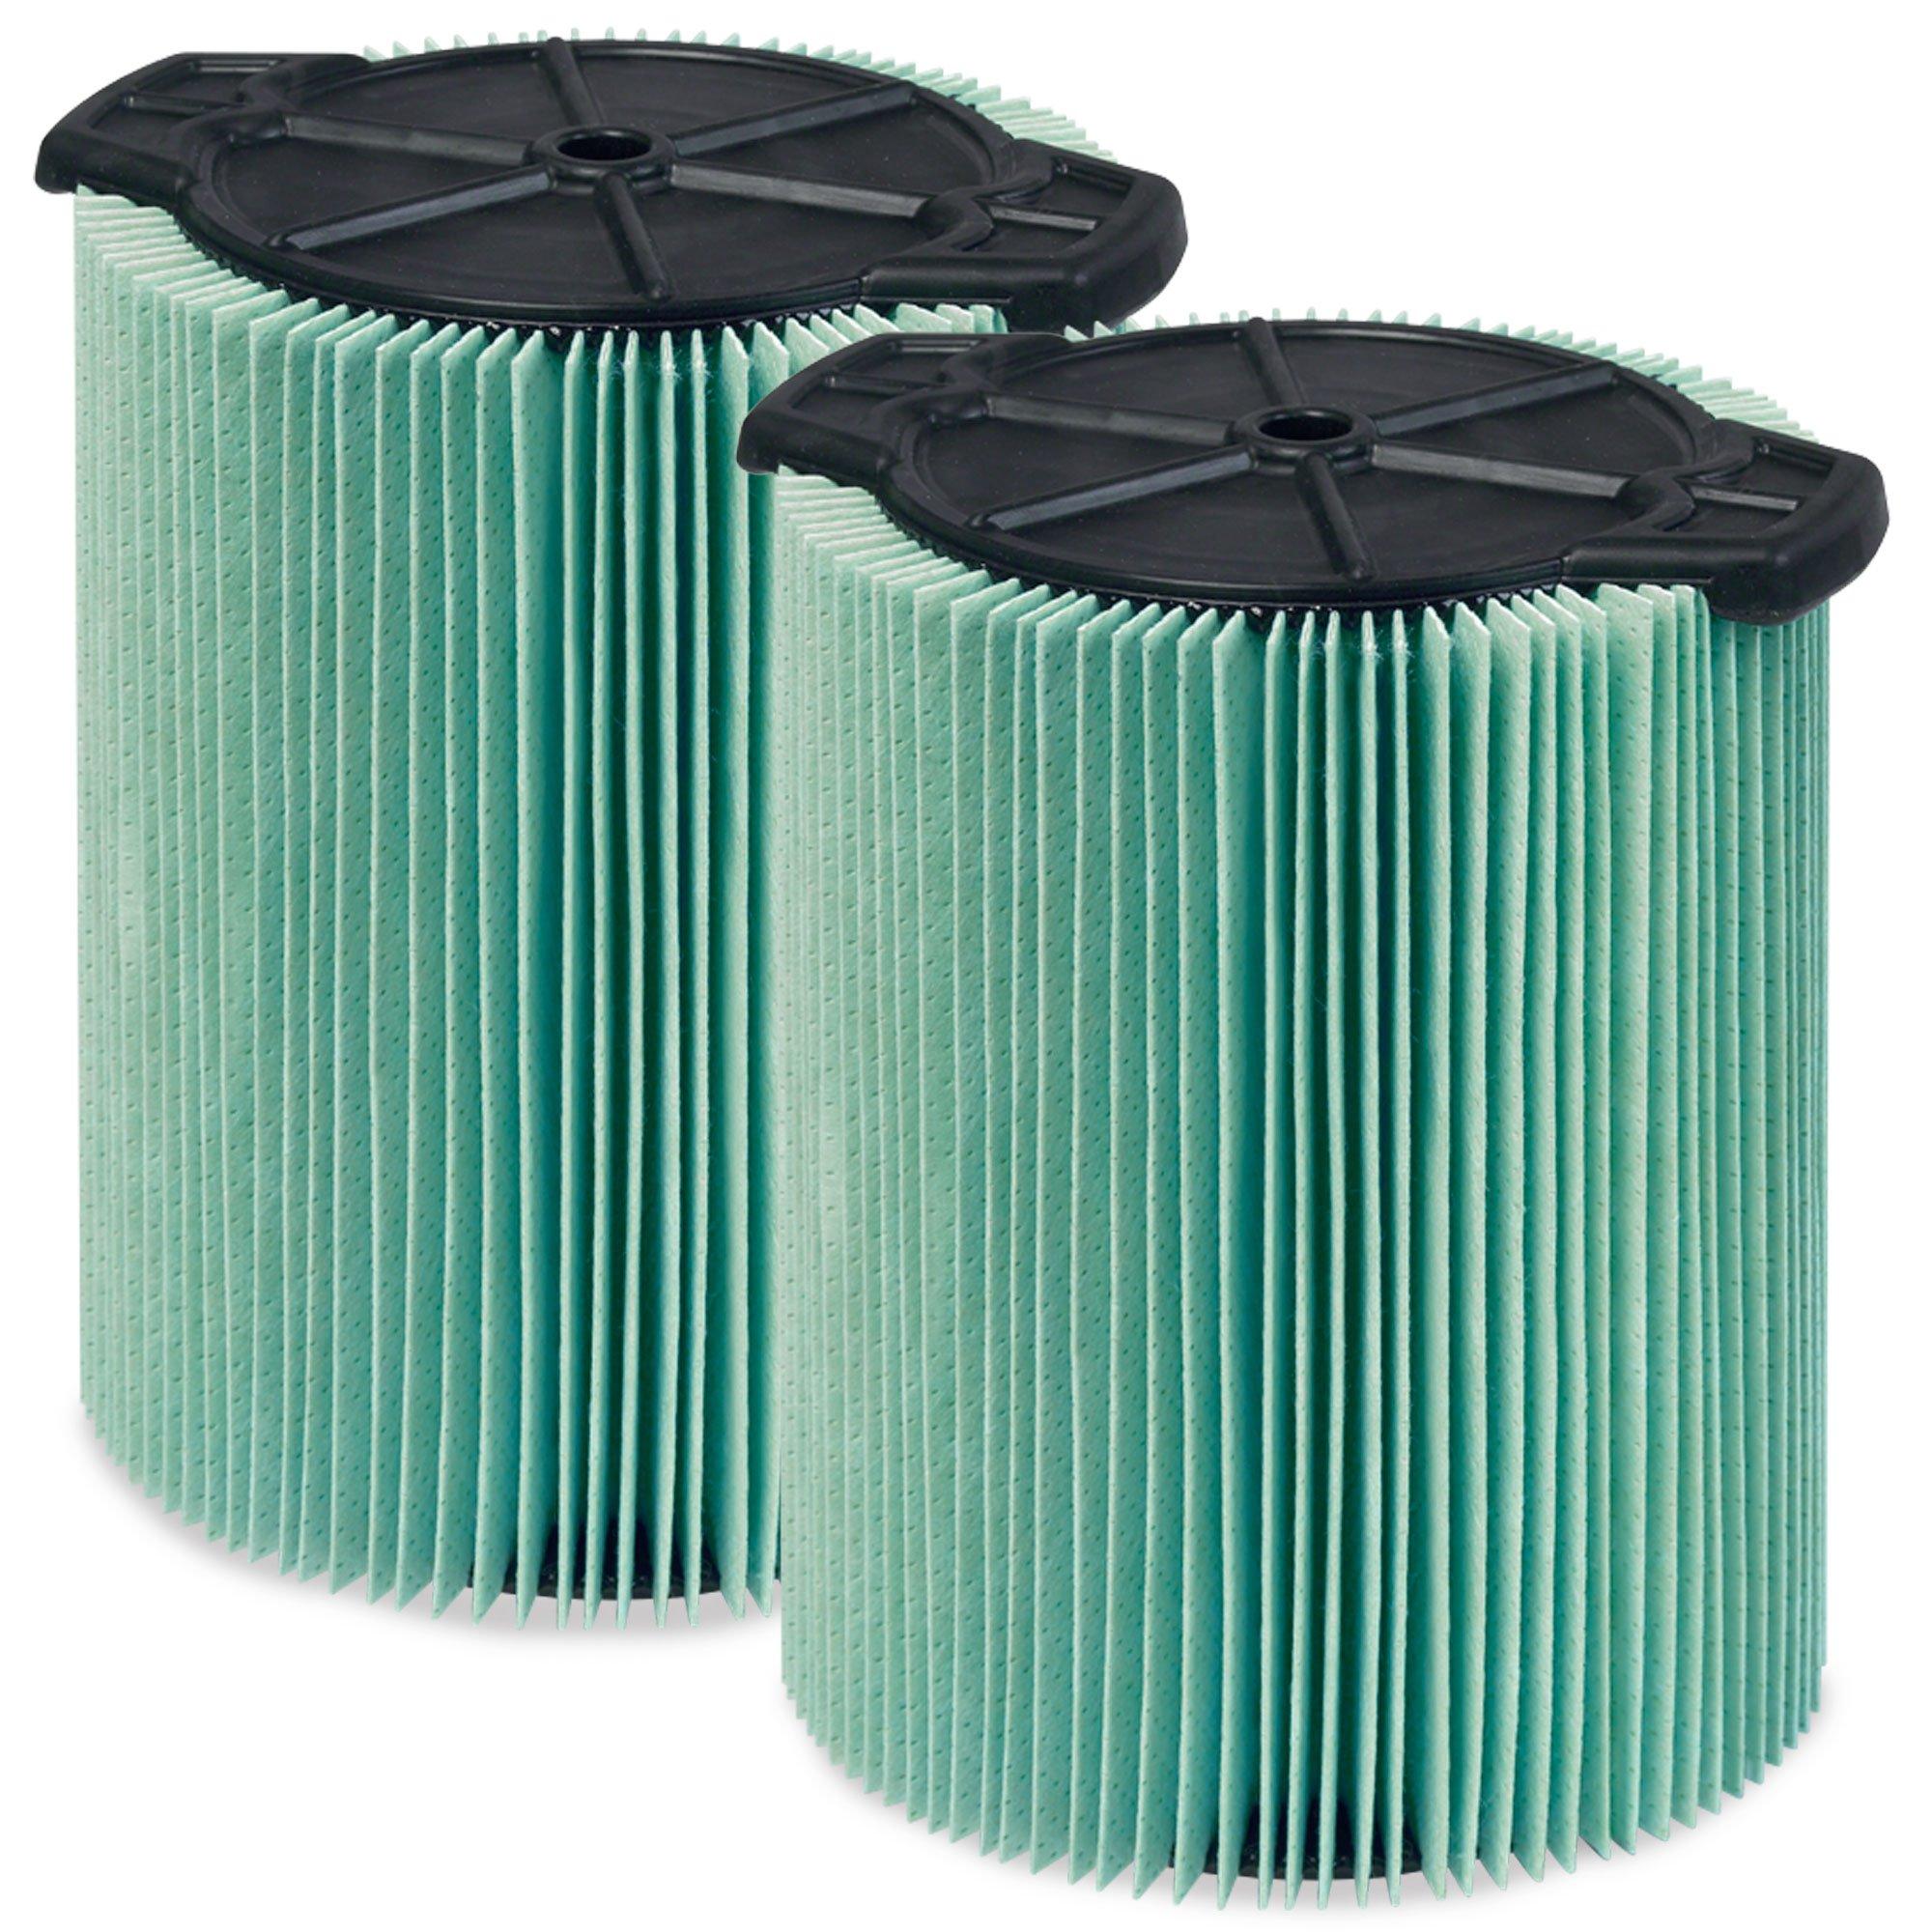 WORKSHOP Wet Dry Vacuum Filters WS23200F2 HEPA Media Filter For Shop Vacuum Cleaner (2-Pack - HEPA Media Filter For Wet Dry Vacuum Cleaner) Fits WORKSHOP 5-Gallon to 16-Gallon Shop Vacuum Cleaners by WORKSHOP Wet/Dry Vacs